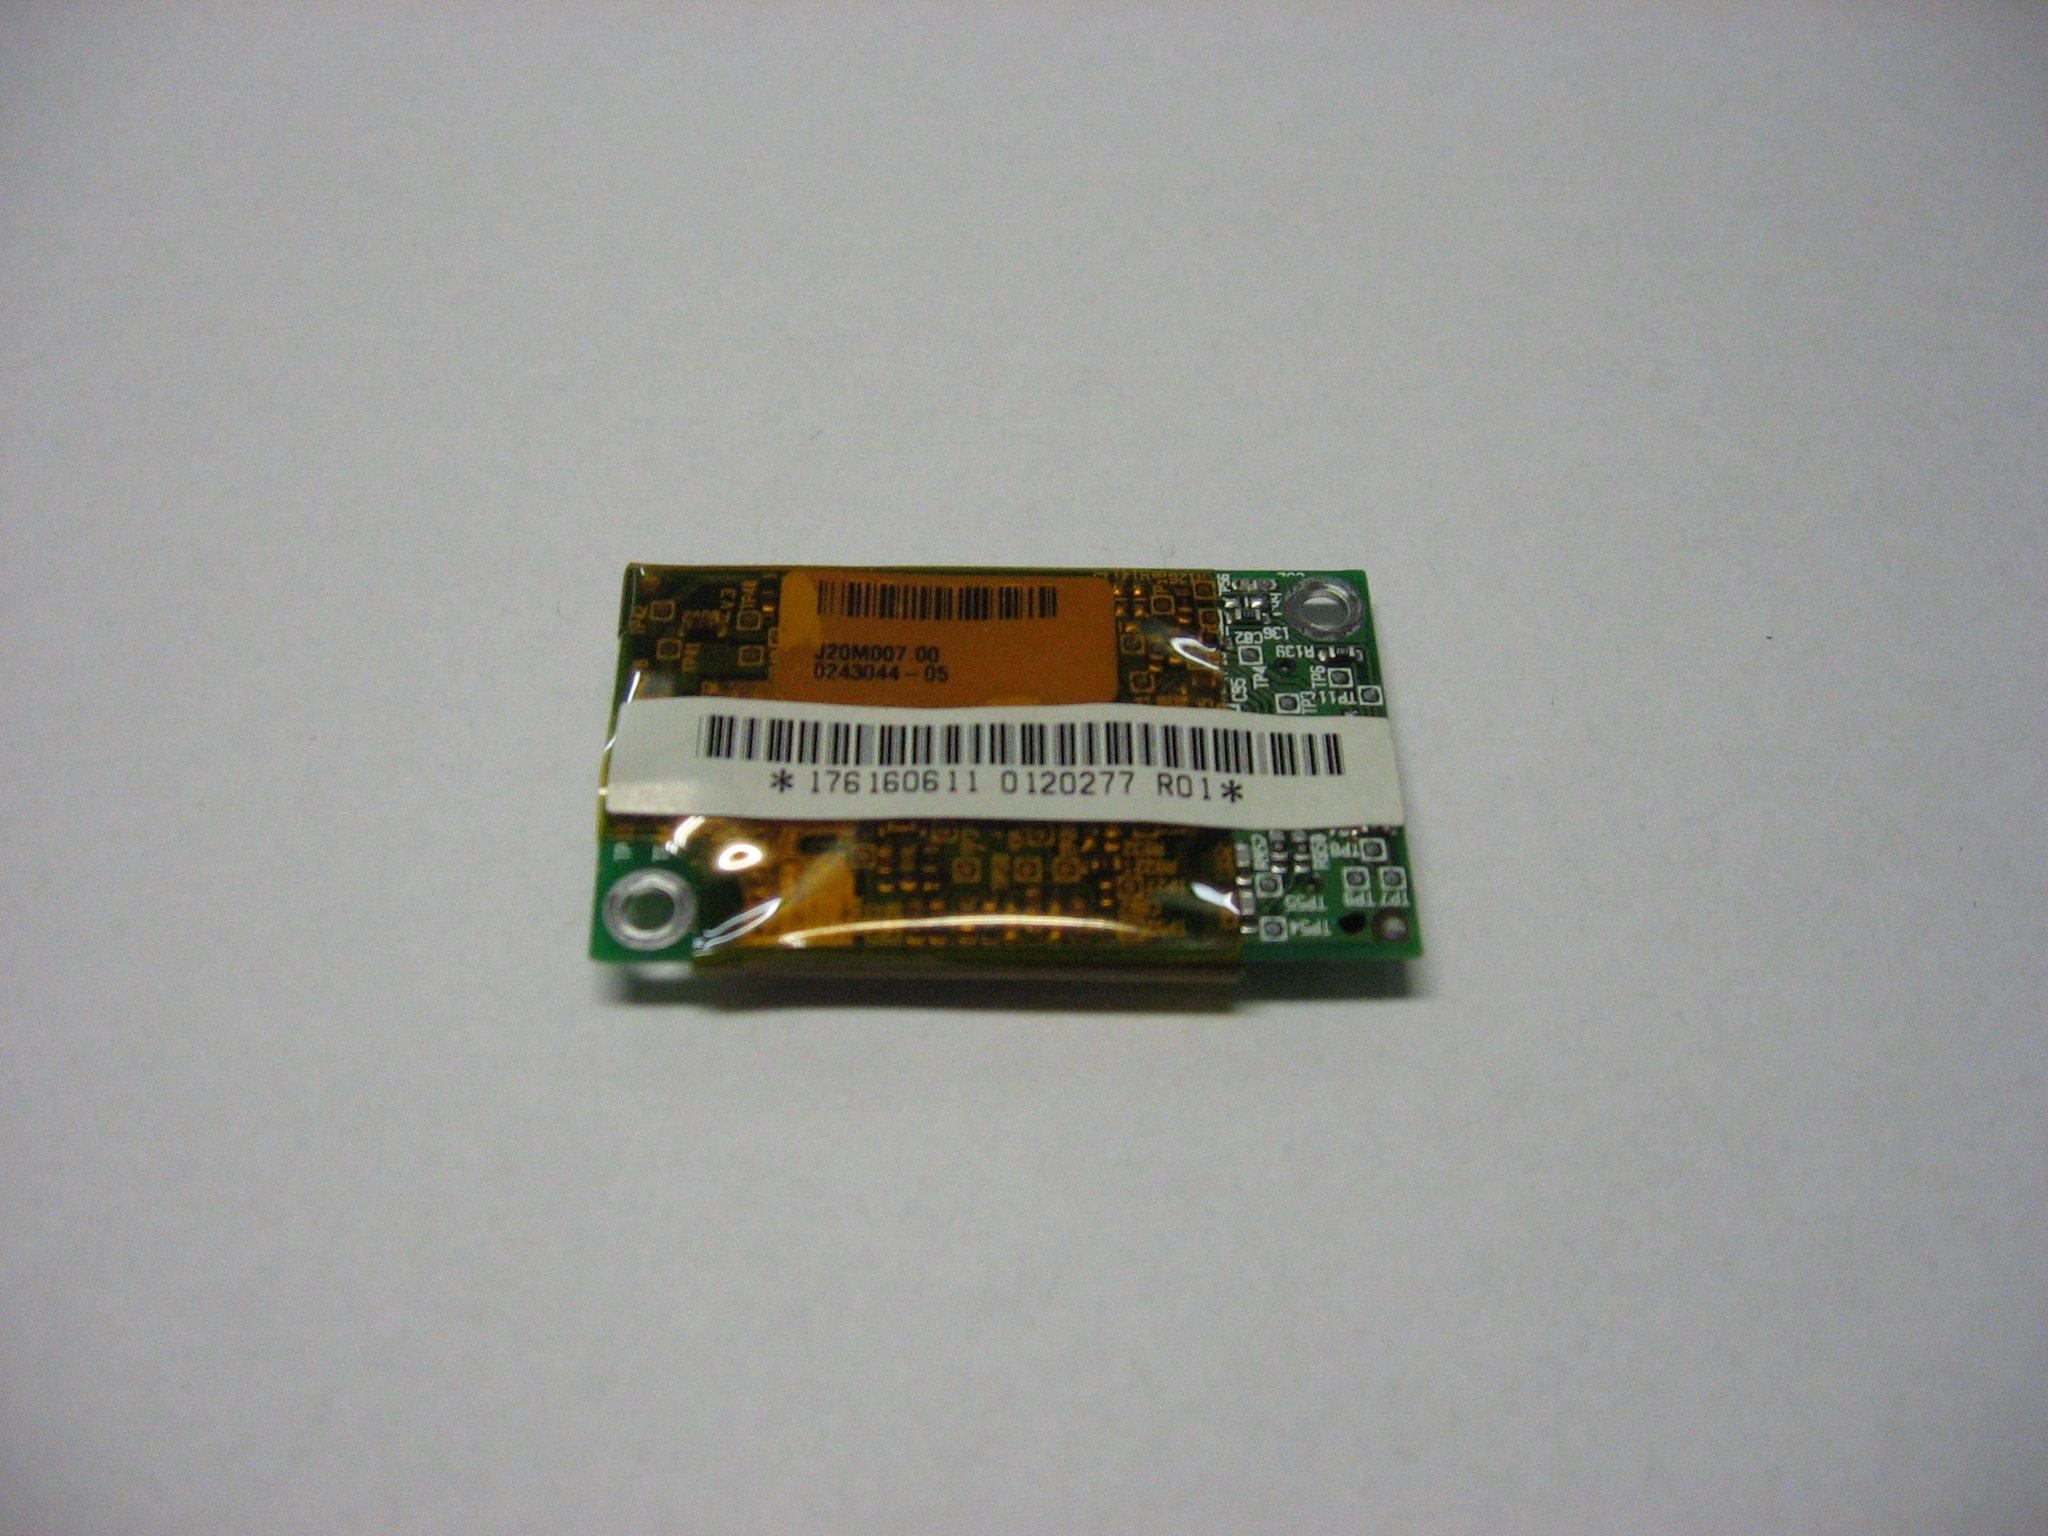 KARTA WI-FI SONY PCG-8J2M - 3652B RD01D480 - Opole